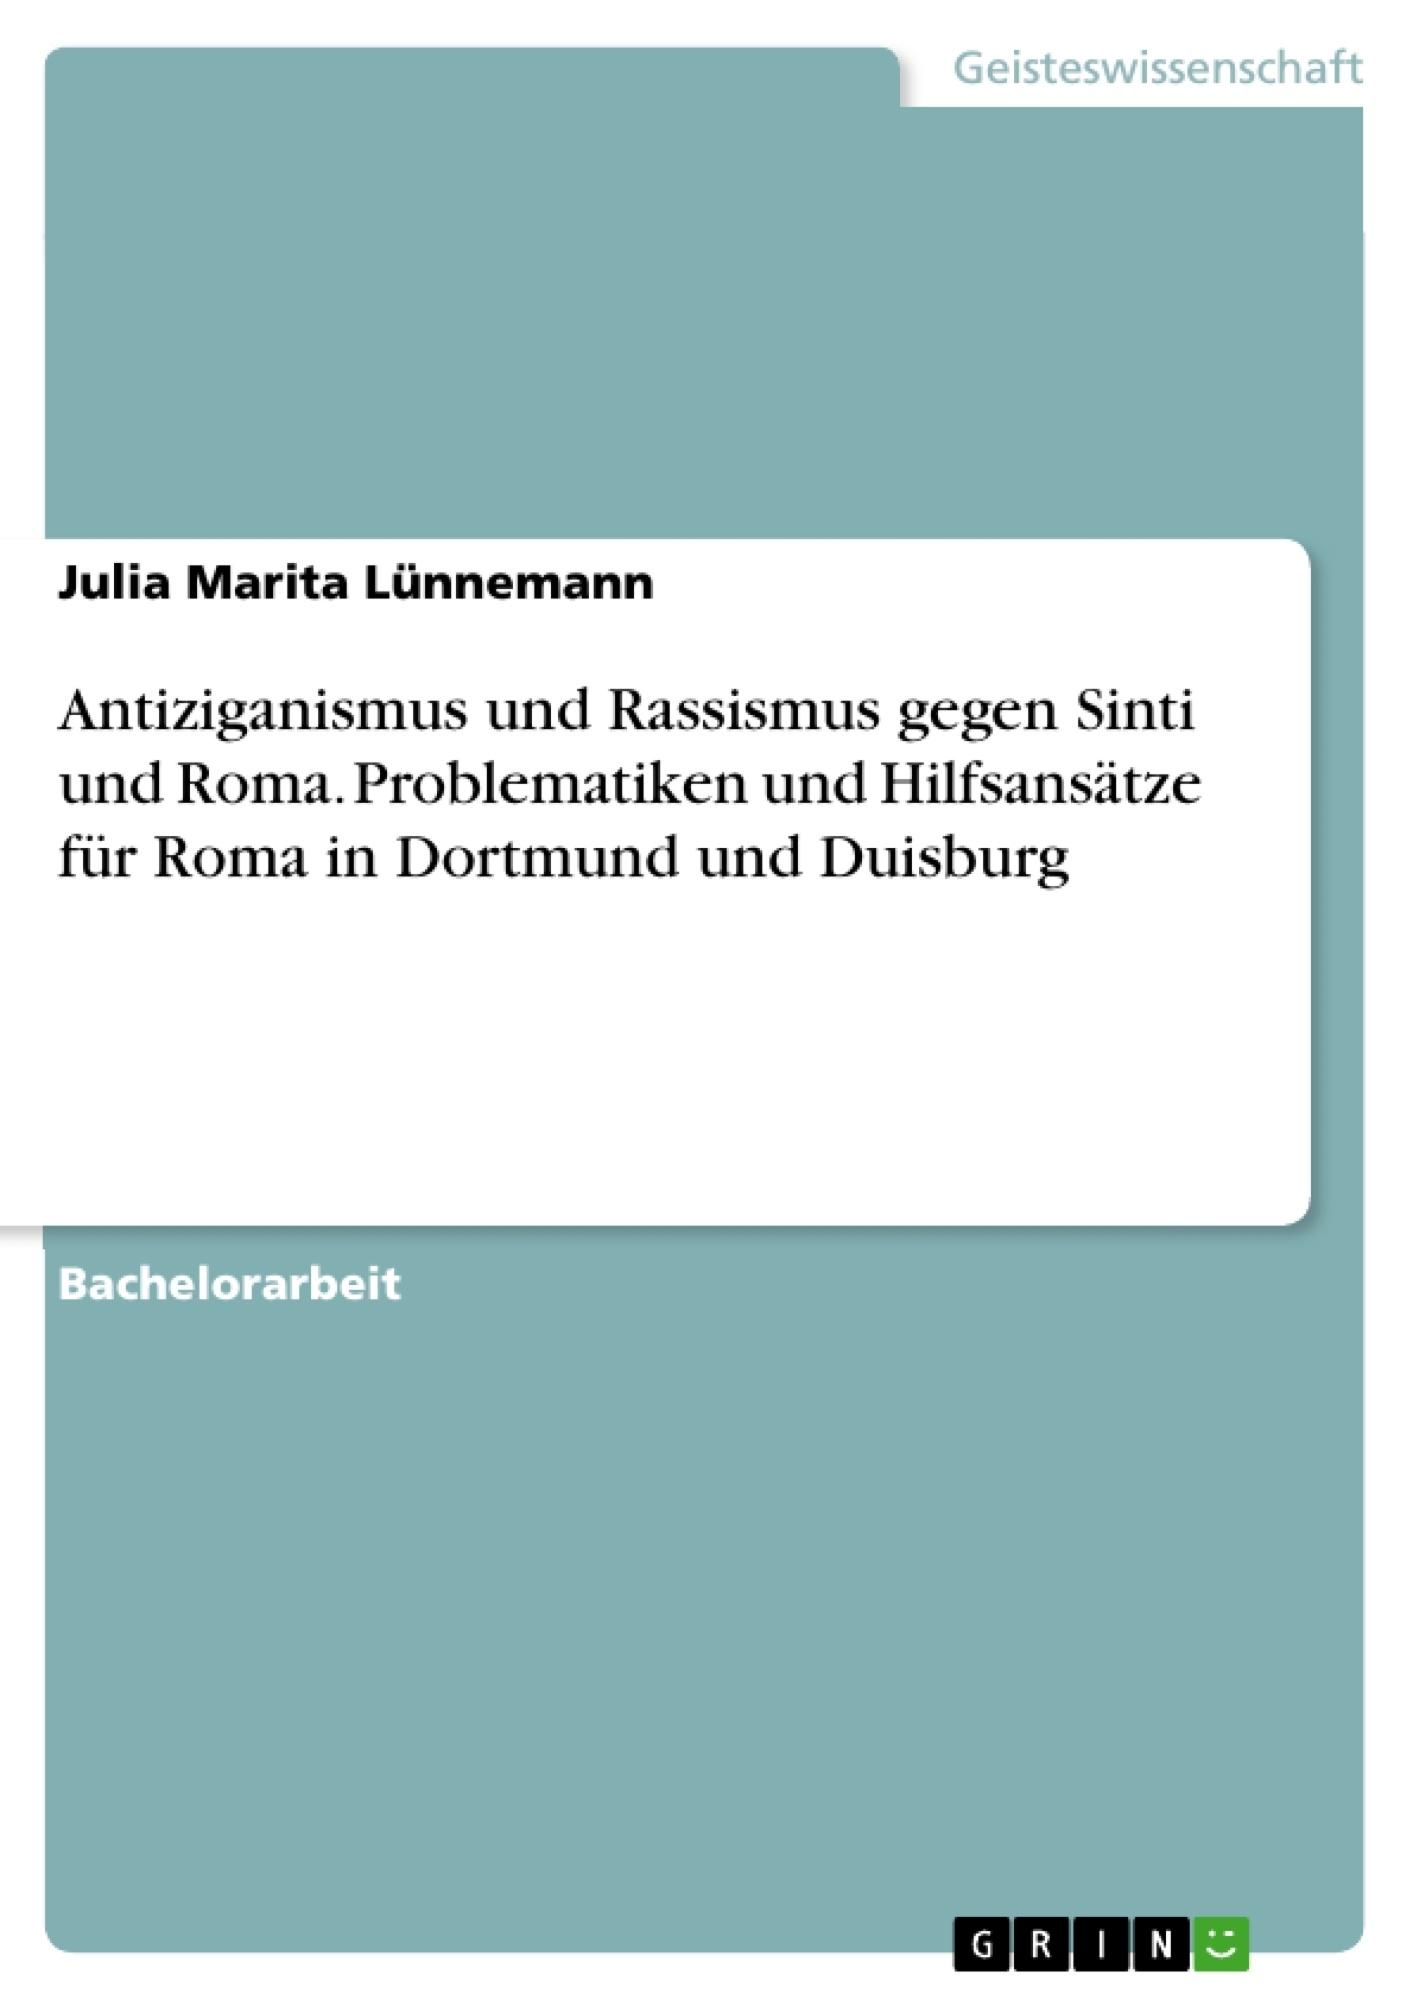 Titel: Antiziganismus und Rassismus gegen Sinti und Roma. Problematiken und Hilfsansätze für Roma in Dortmund und Duisburg